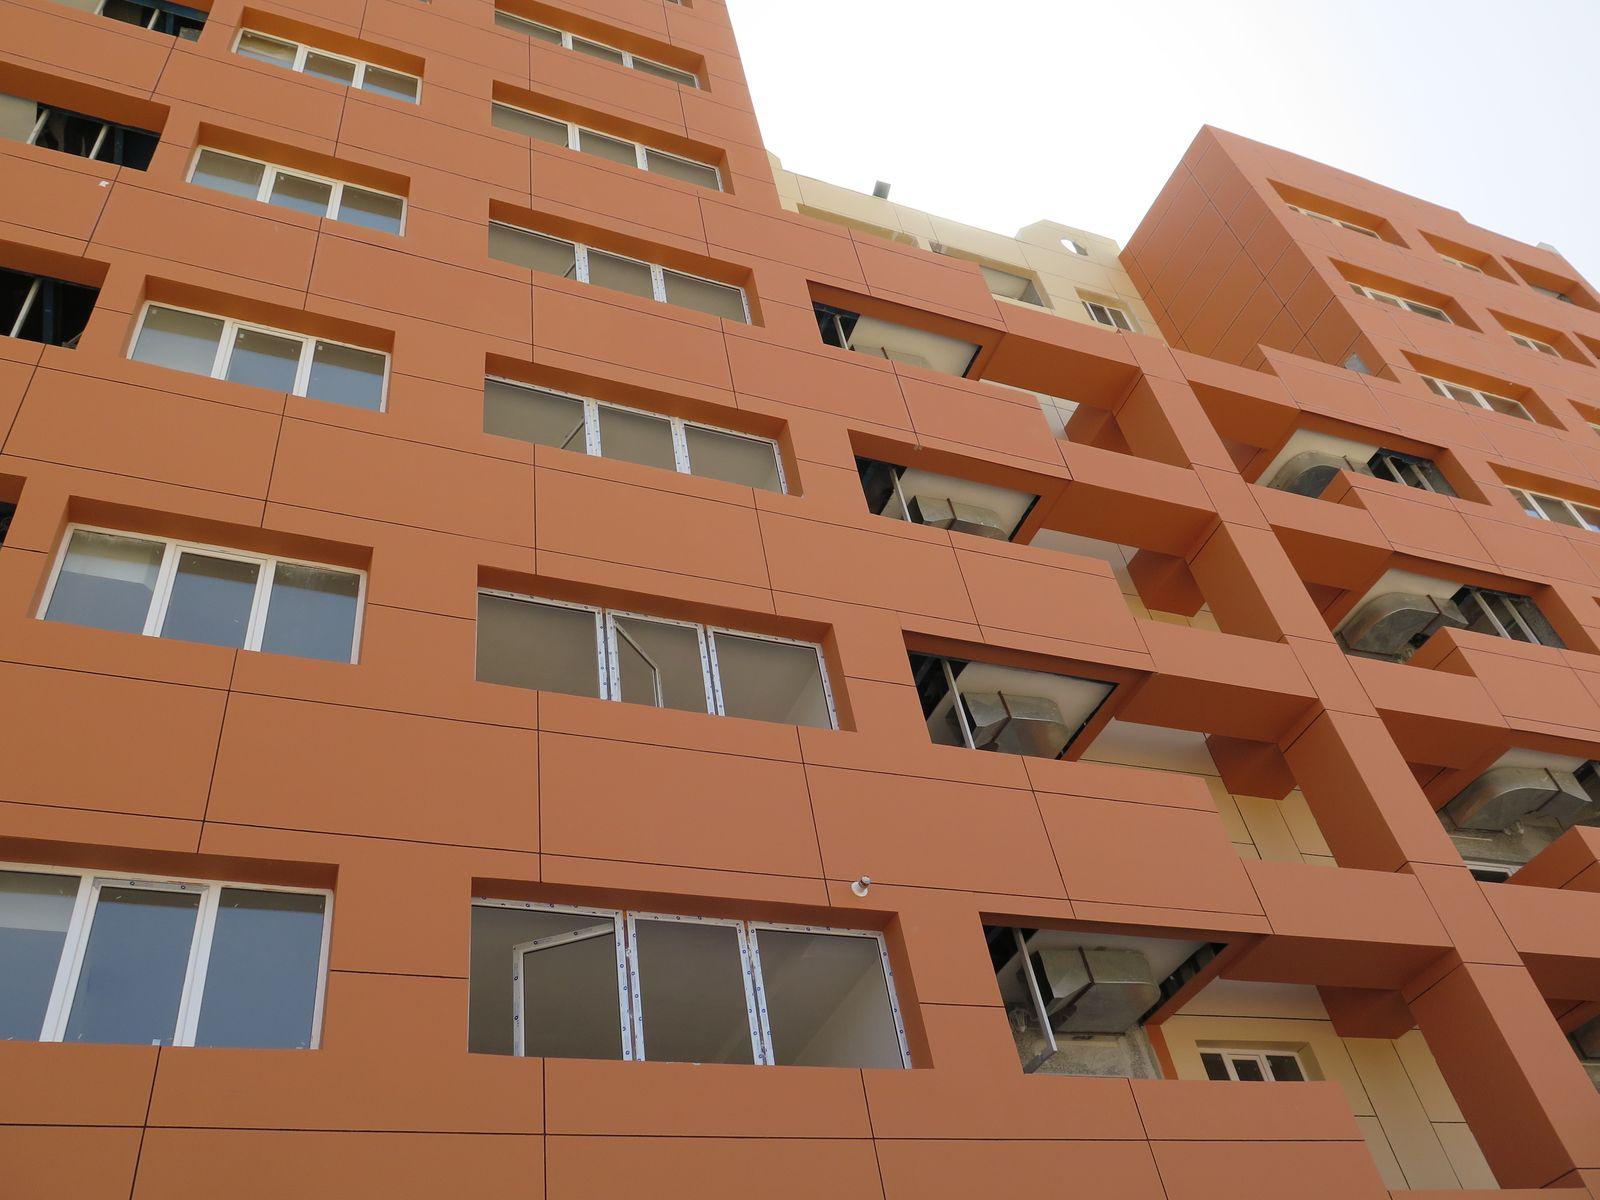 External Drywall SCG - Fiber sheet